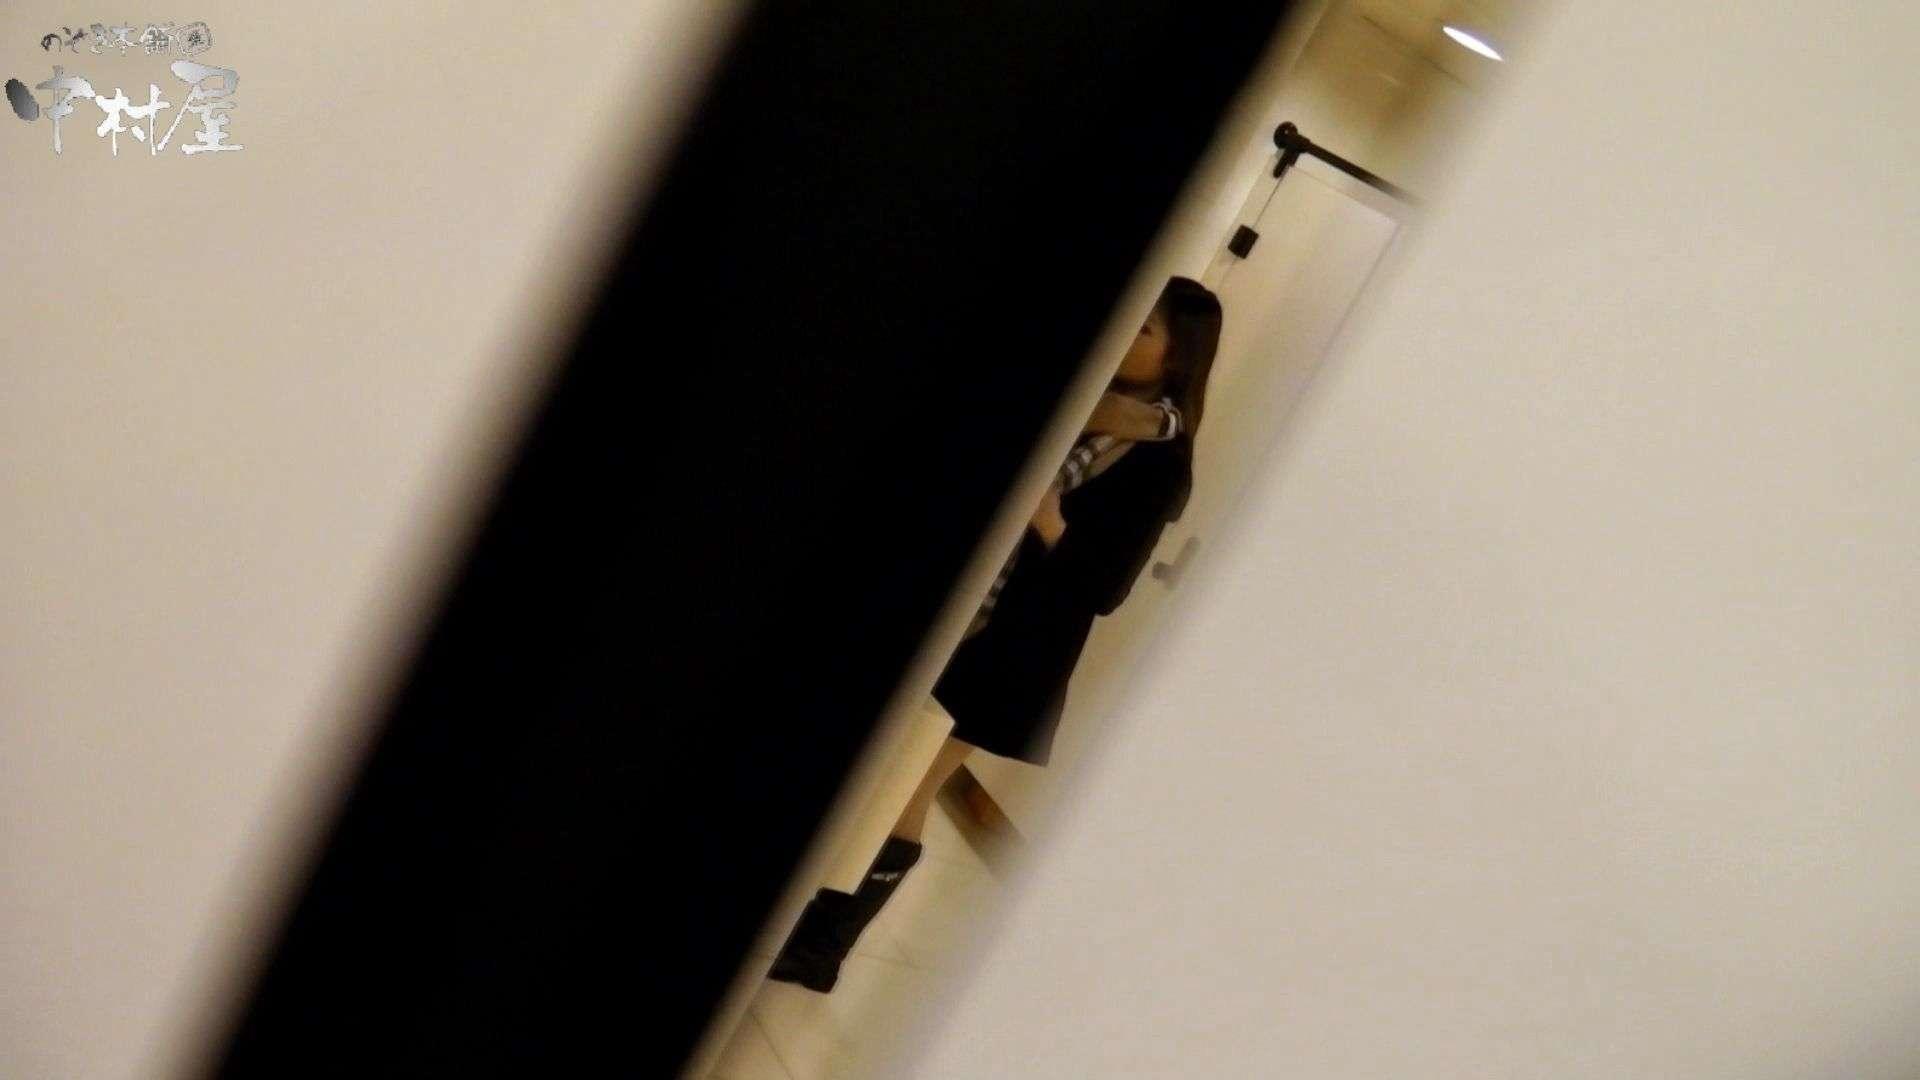 新世界の射窓 No72 モデル級なら個室から飛び出て追っかけます モデルヌード | 洗面所  81pic 33